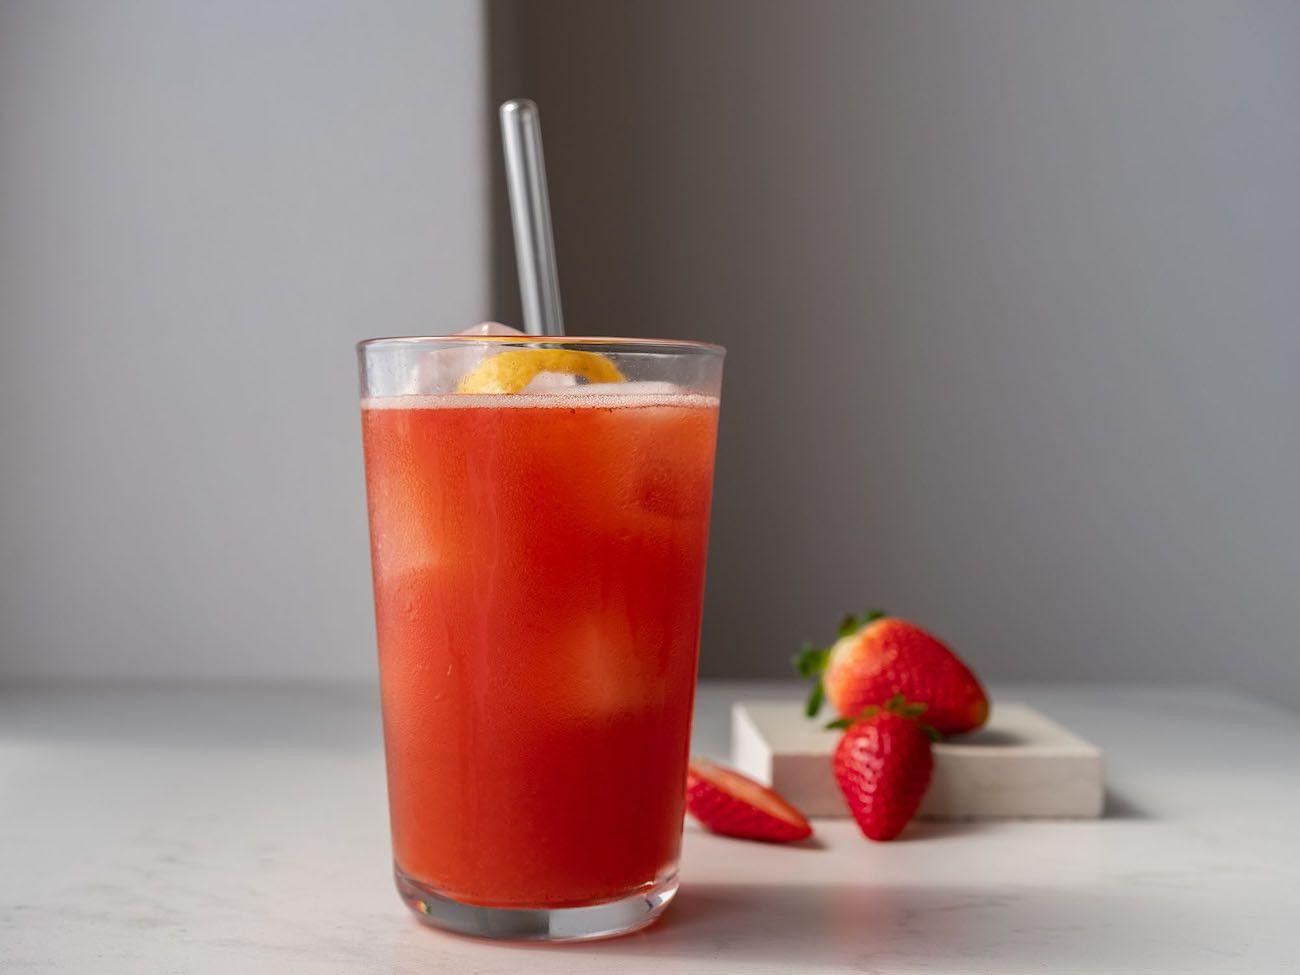 Foodblog, About Fuel, Rezept, Erdbeer-Rhabarber-Cooler, Rum